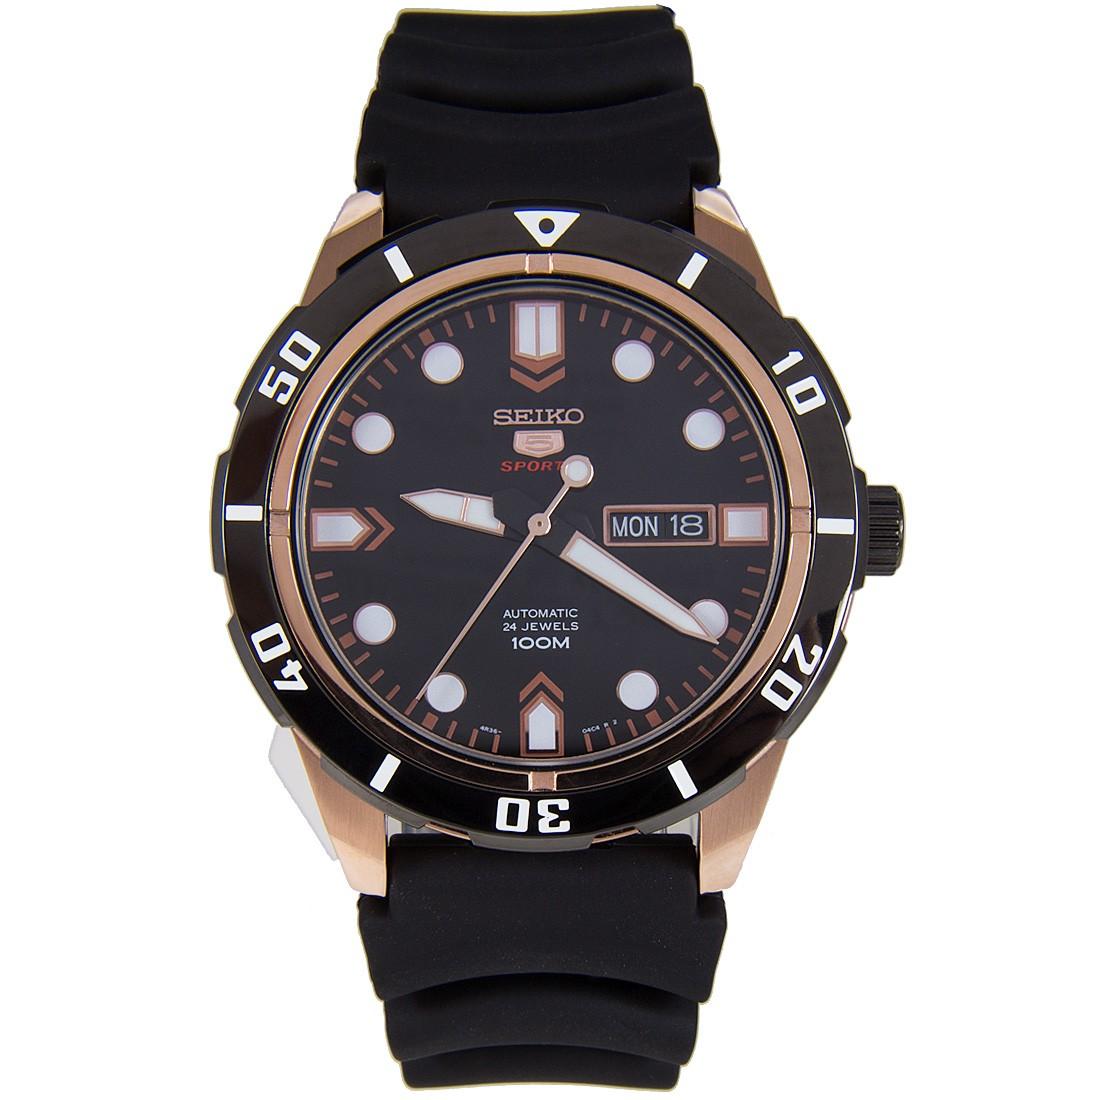 Seiko 5 Sports Automatic Watch SRP680K1